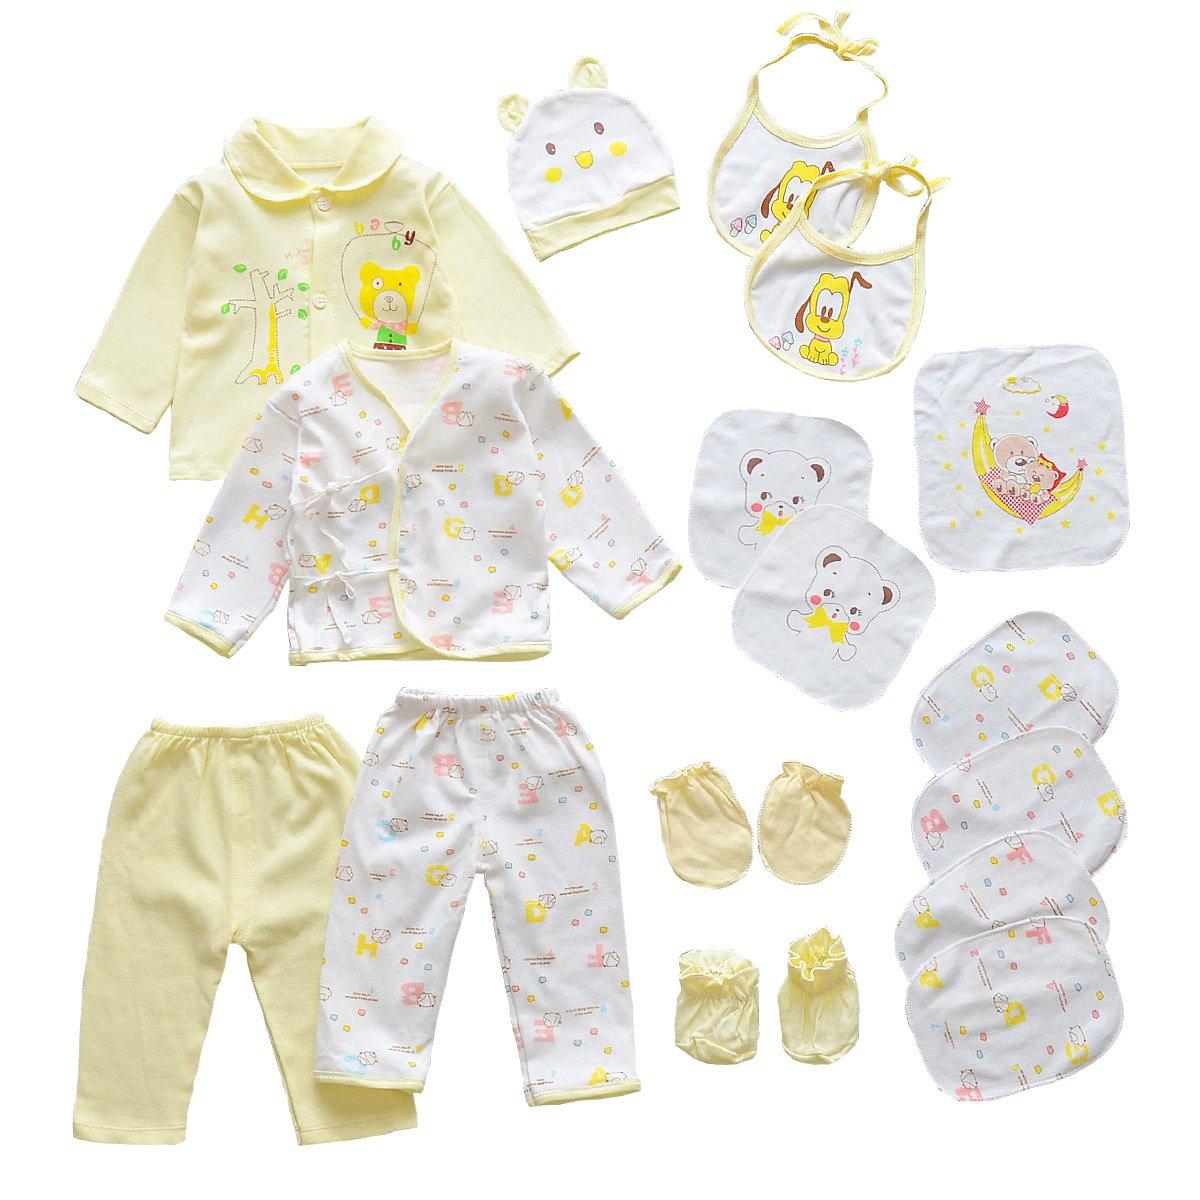 3c0575d4e Galleon - 18pcs Unisex Newborn Baby Boy Girl Clothes Sets